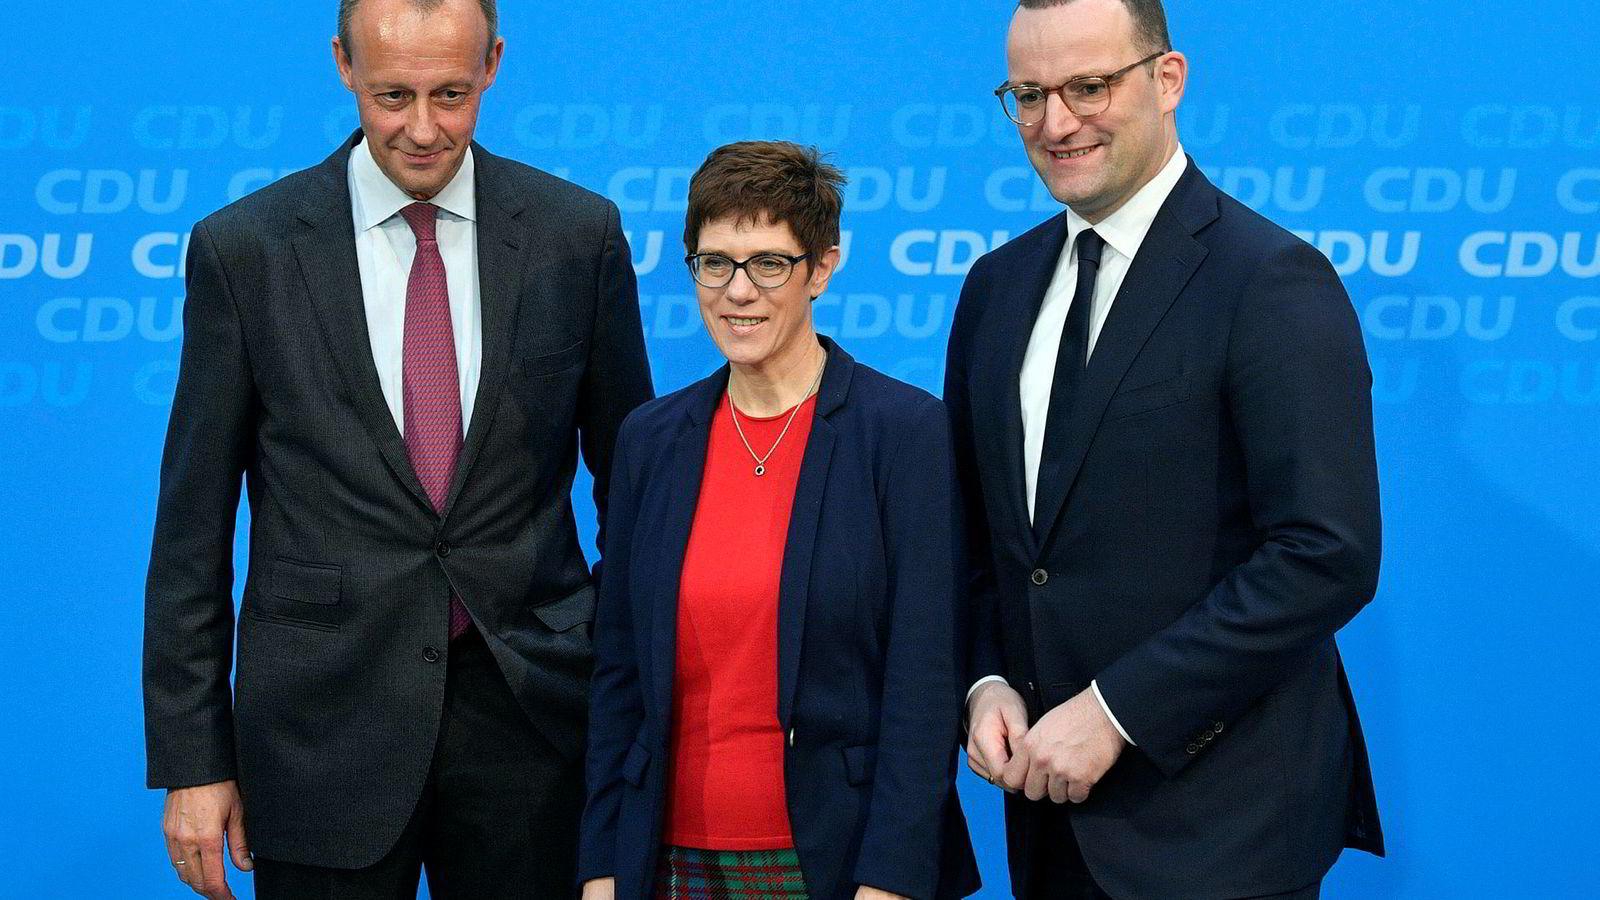 Hvem skal ta over som leder i partiet Angela Merkel har styrt i nær 20 år. Den som vinner har også gode sjanser for å bli forbundskansler og dermed Europas mektigste politiker. Her aktuelle kandidater (fra venstre) Friedrich Merz, Annegret Kramp-Karrenbauer og Jens Spahn.